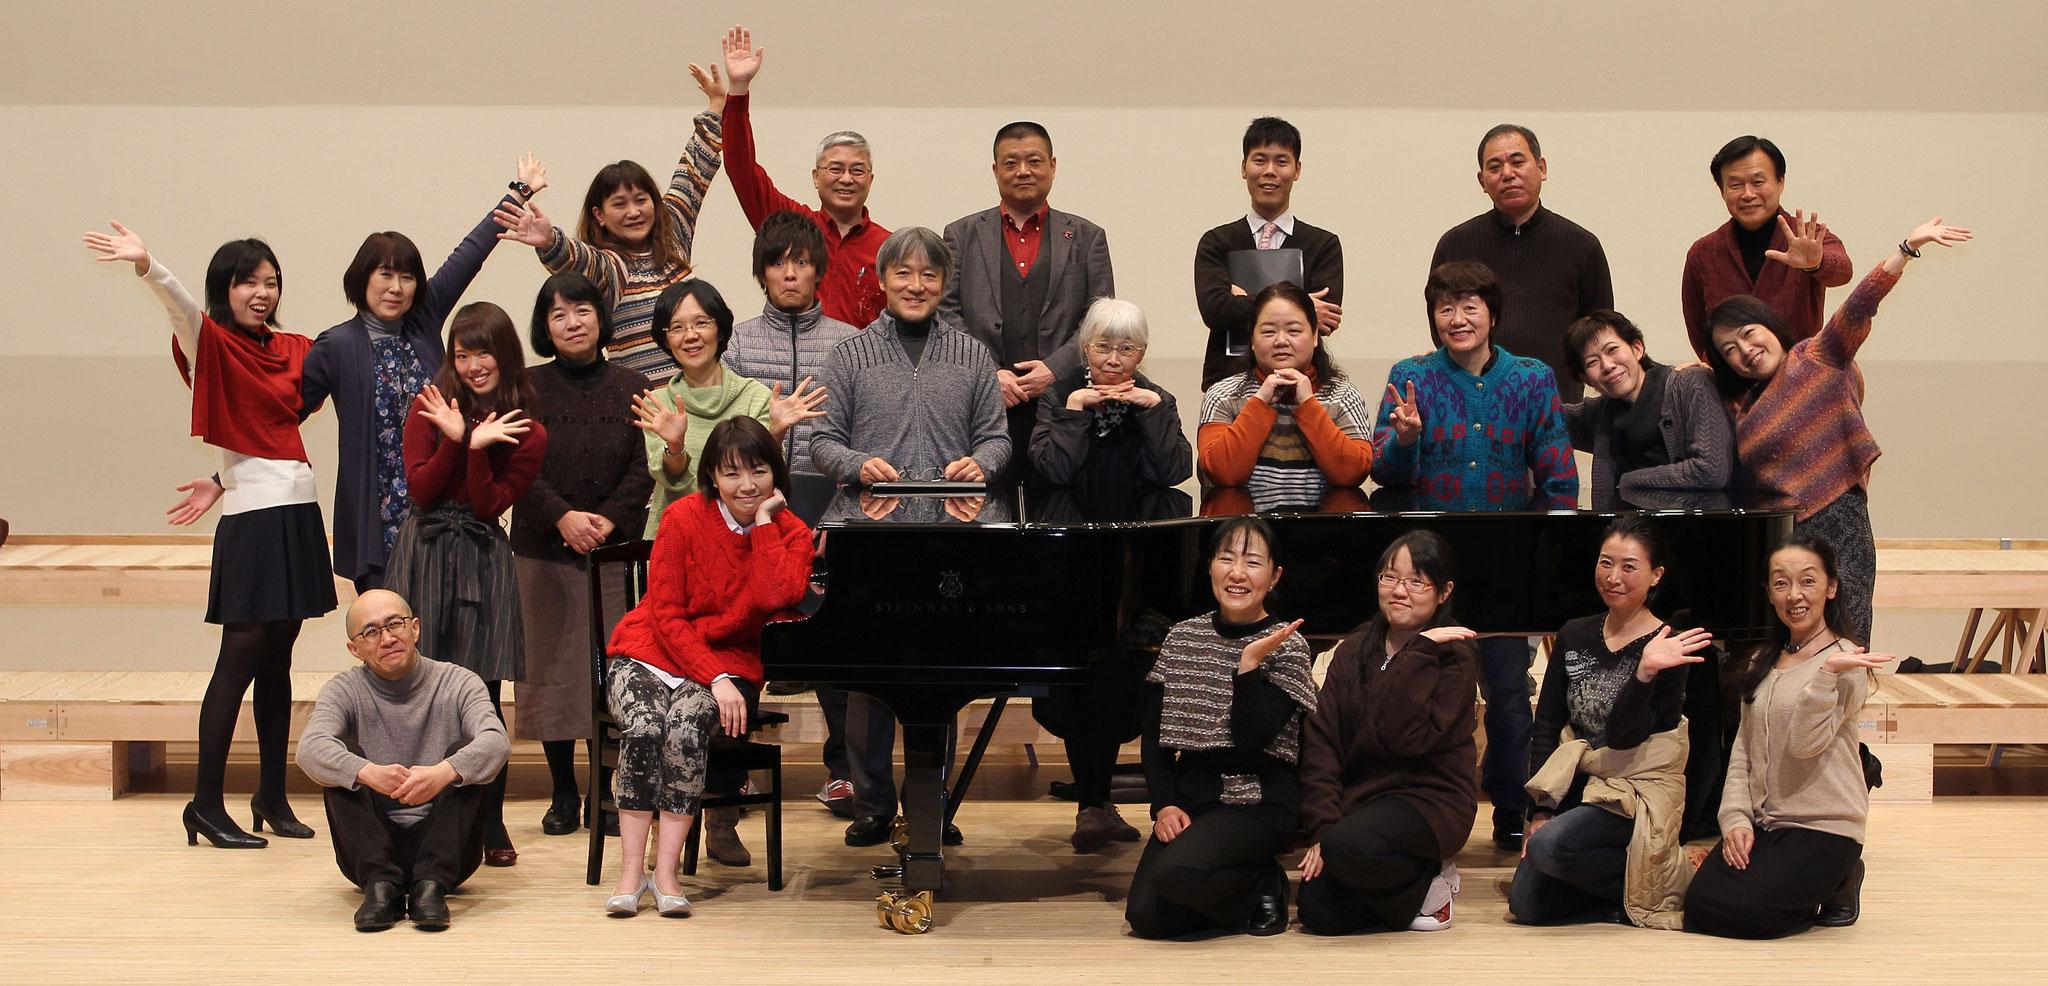 第5回 2016.2.7 嘉島町民会館